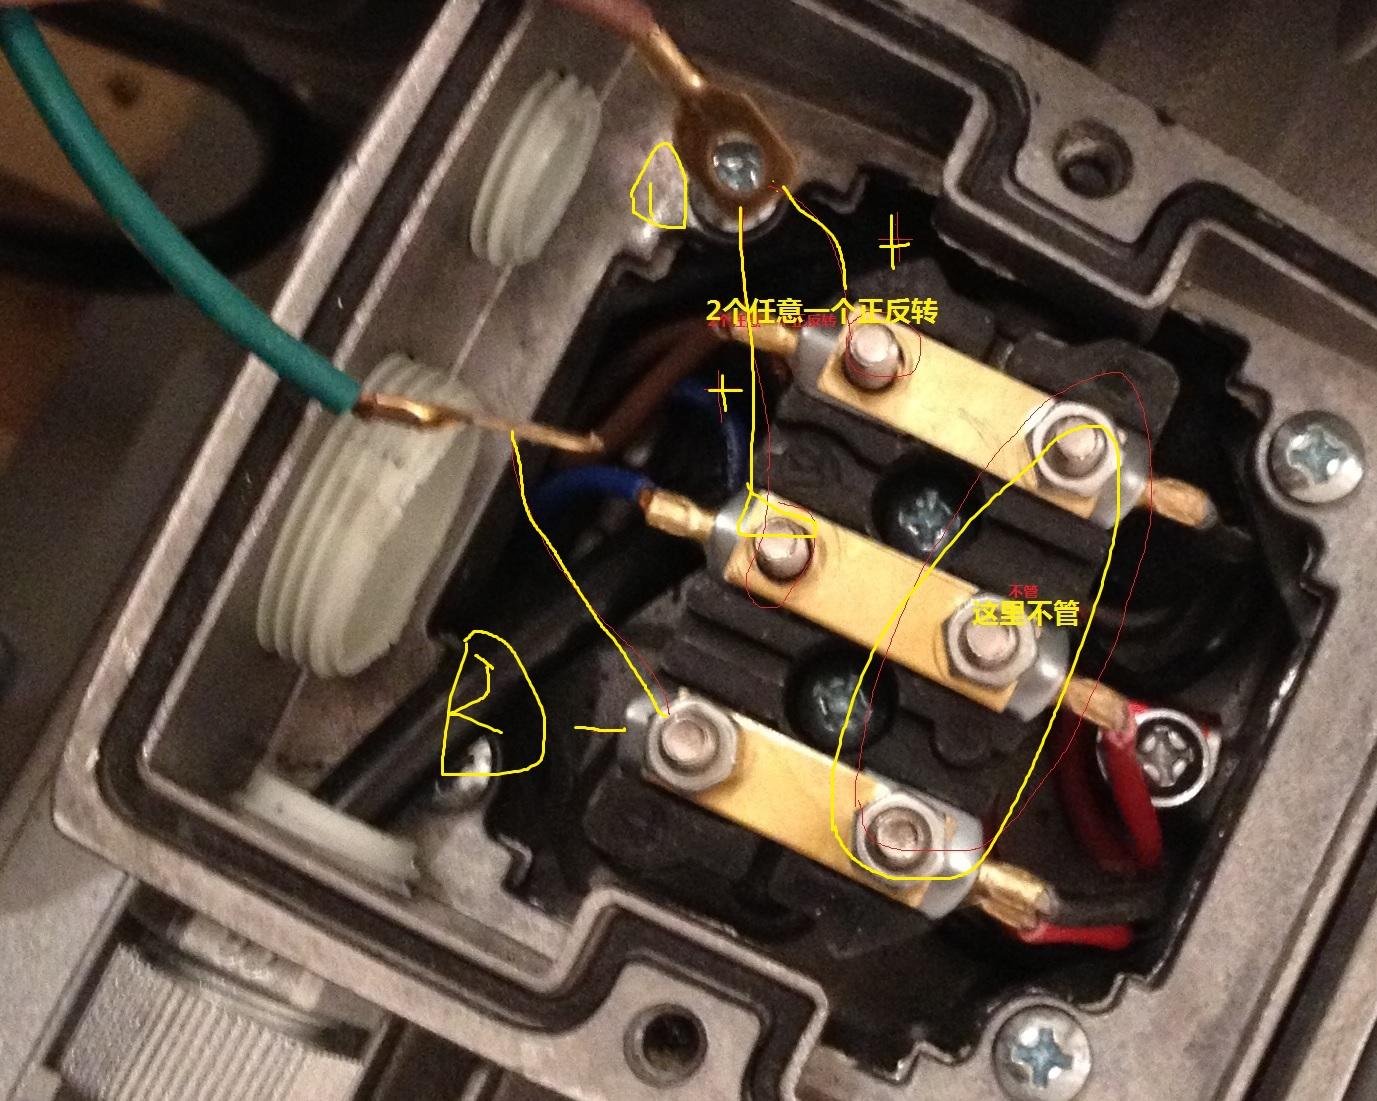 三相电动机绕组接法_三相电机改了单相电源线怎么接_百度知道